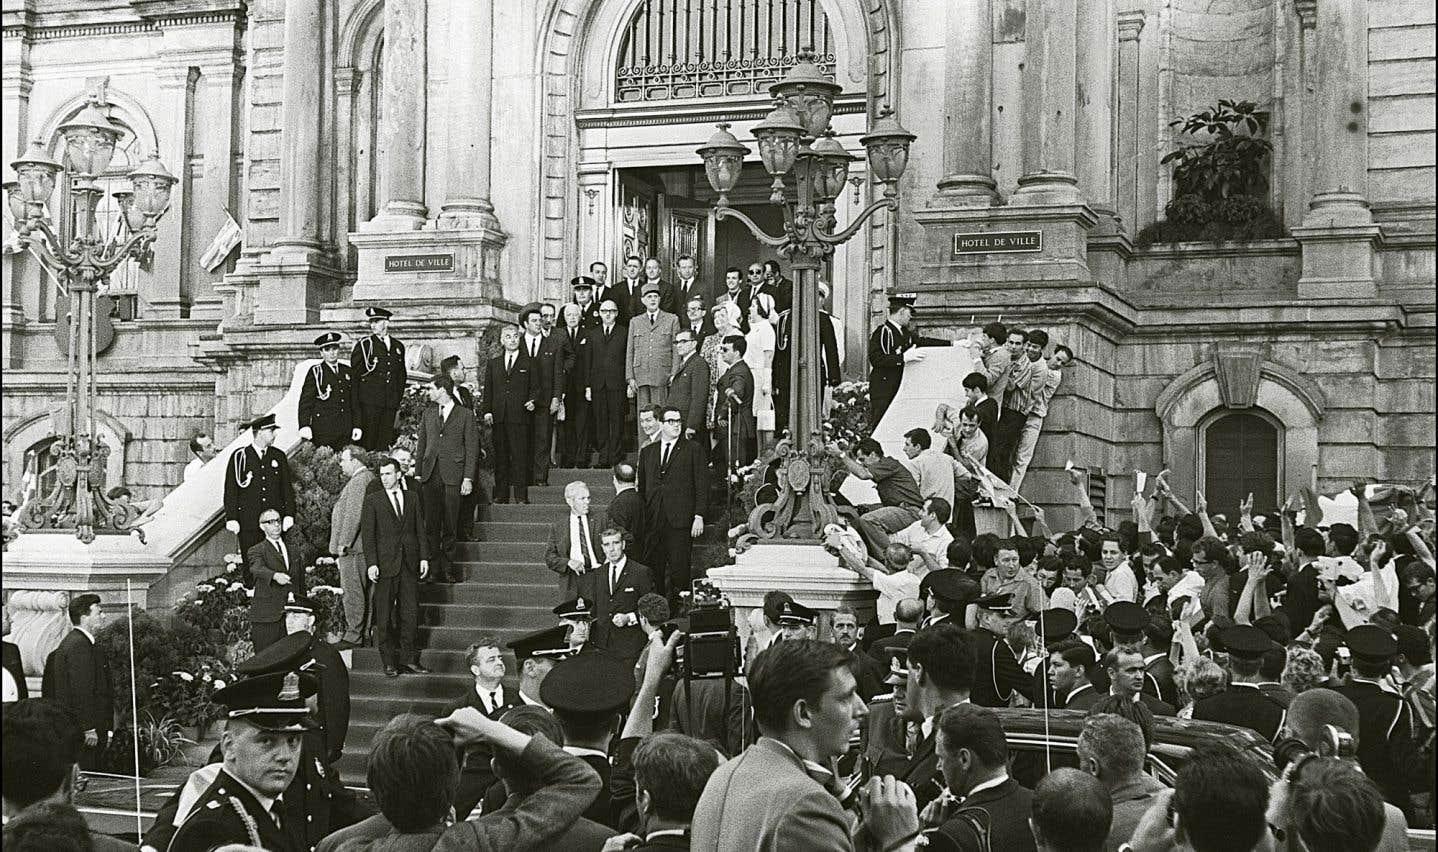 Charles de Gaulle à l'hôtel de ville de Montréal en 1967